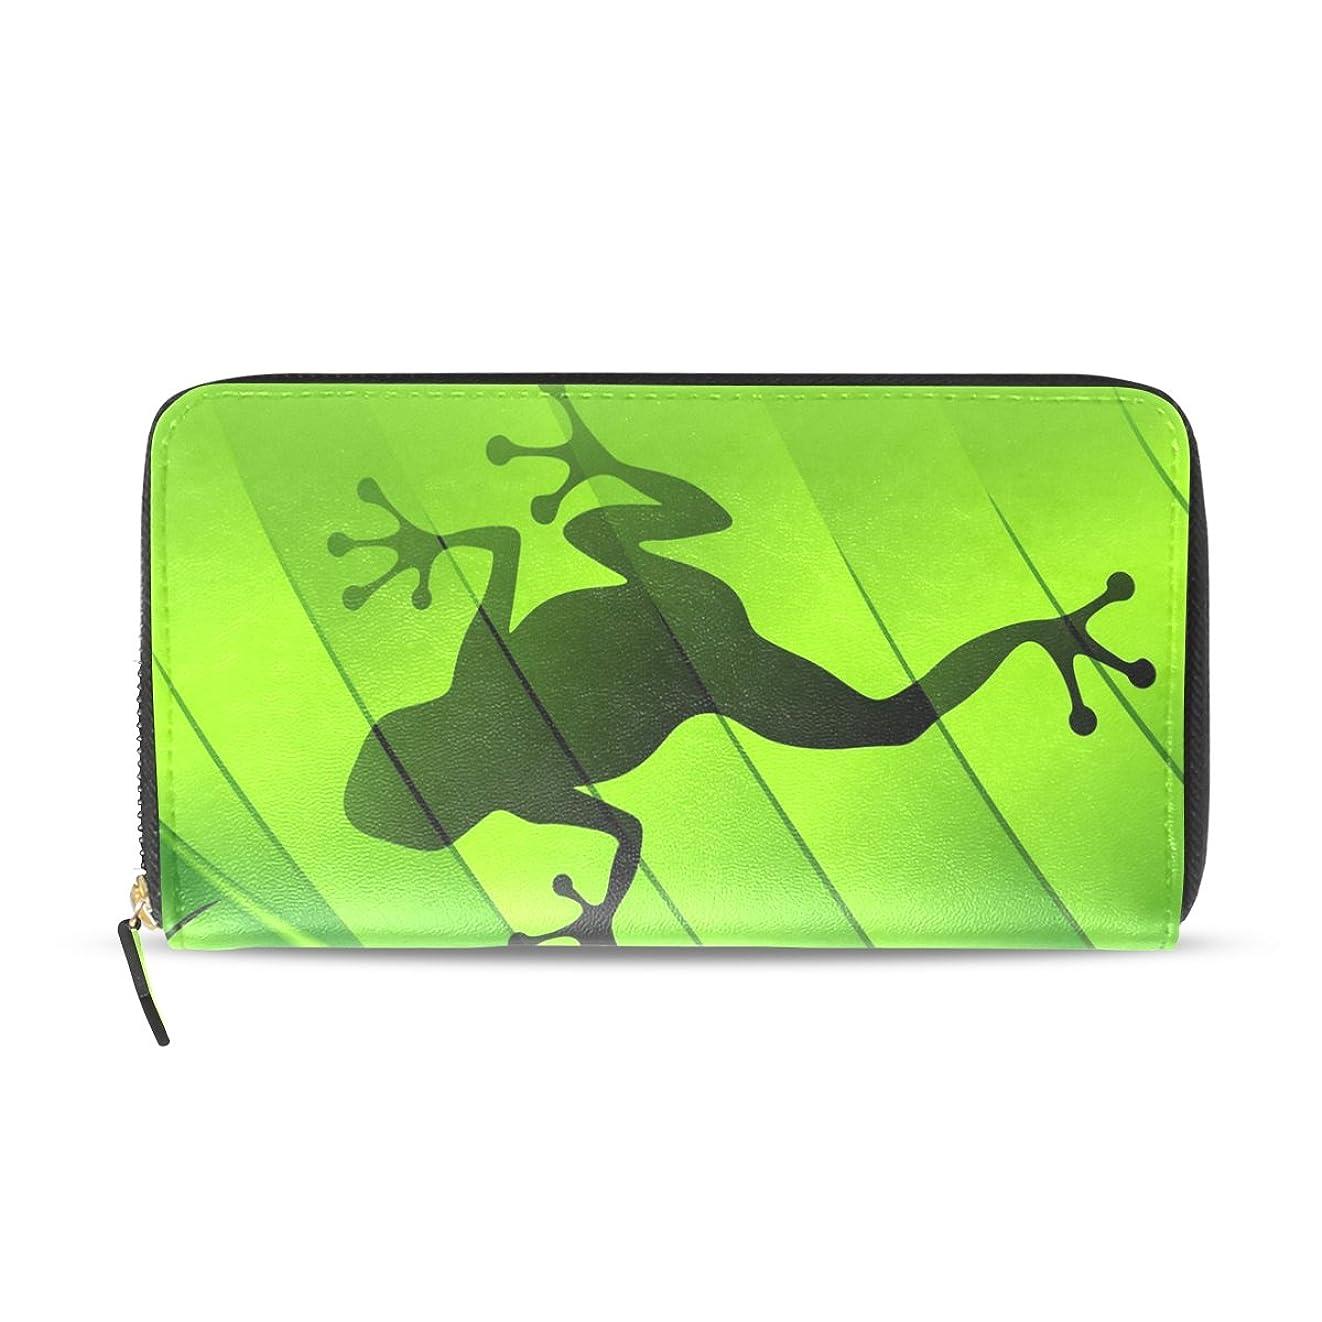 一晩見落とすピッチャーユサキ(USAKI) 長財布 レディース 大容量 ラウンドファスナー 革 おしゃれ コインケース 誕生日 プレゼント カエル柄 かわいい 緑 グリーン